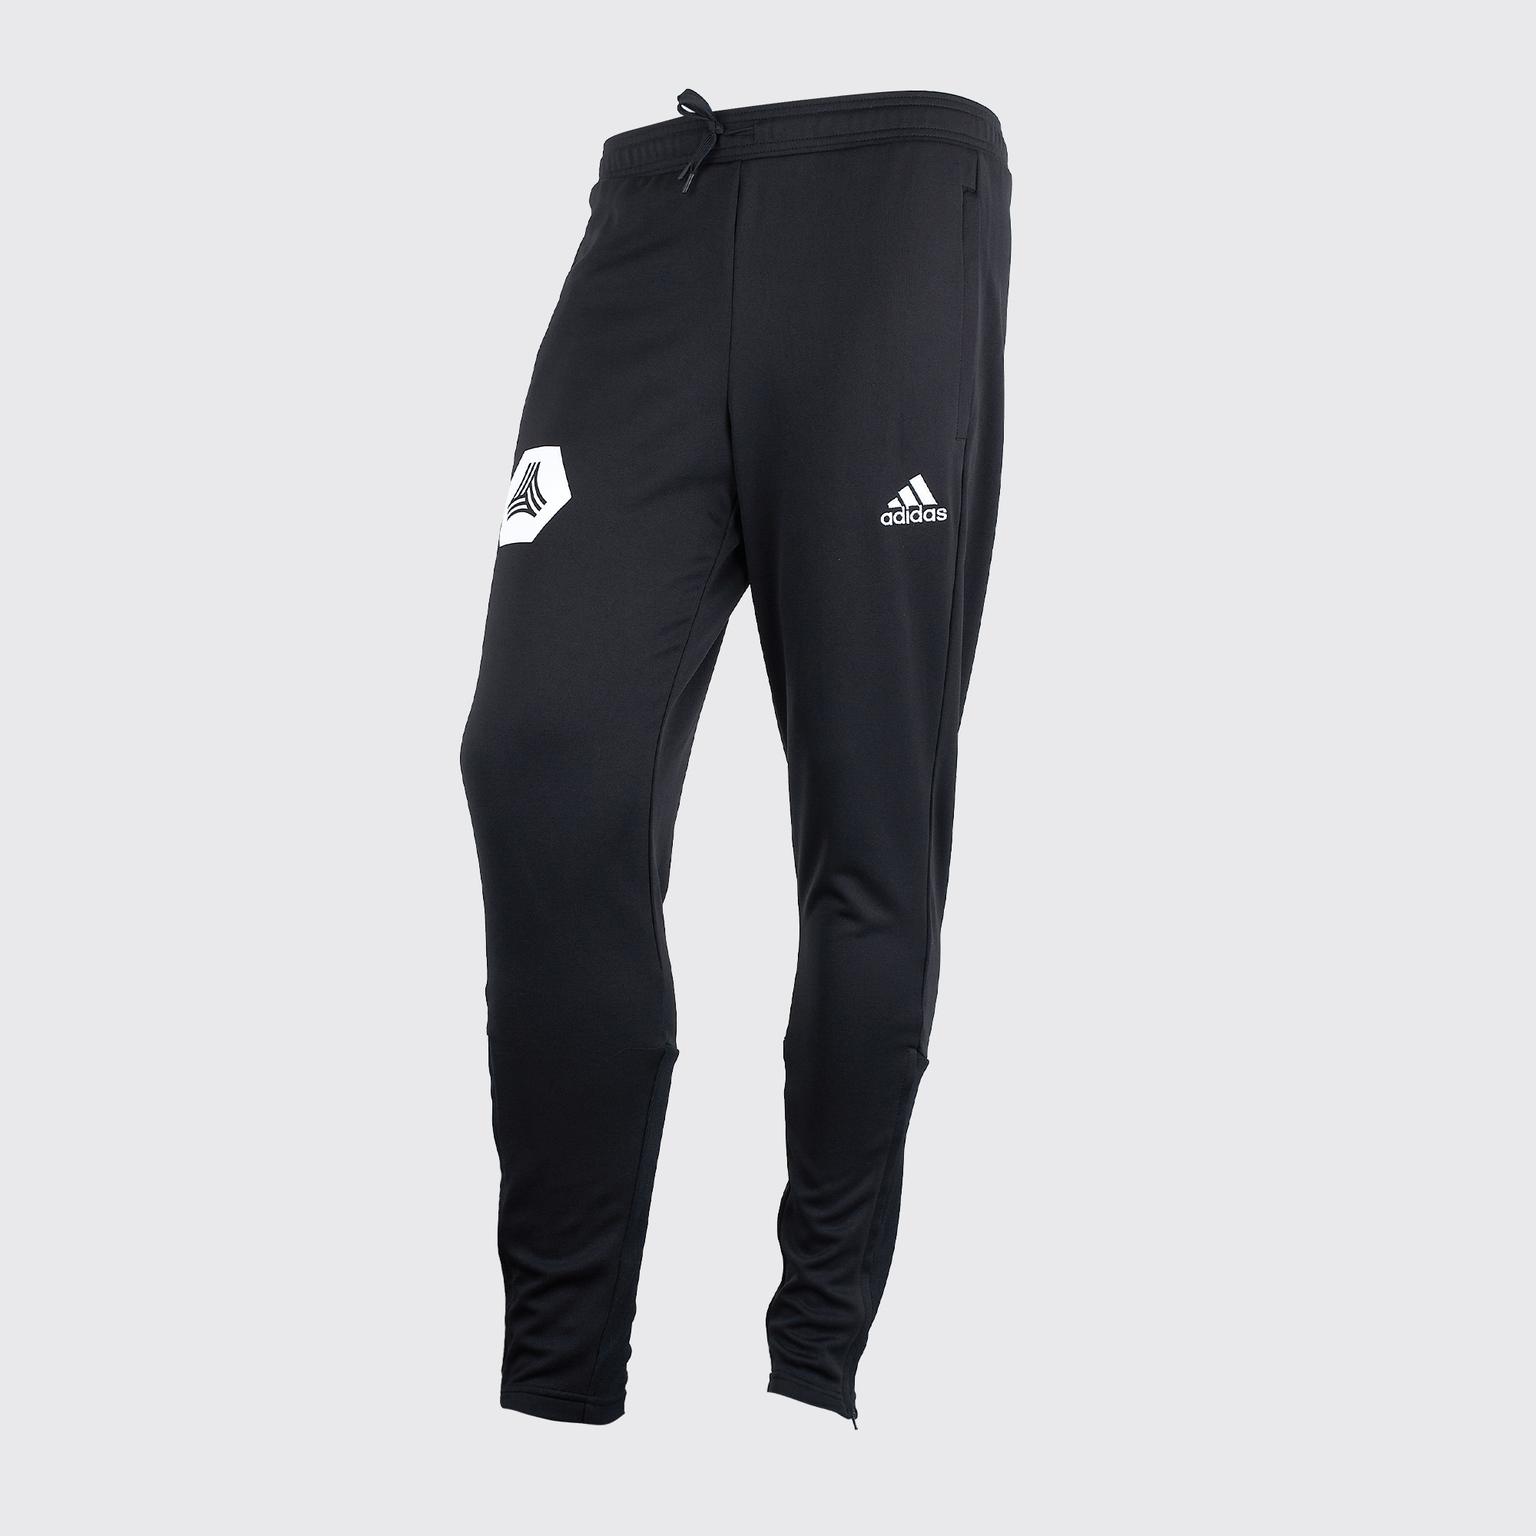 Брюки Adidas Tan Logo Joggers FJ6332 шорты игровые adidas tan dt9843